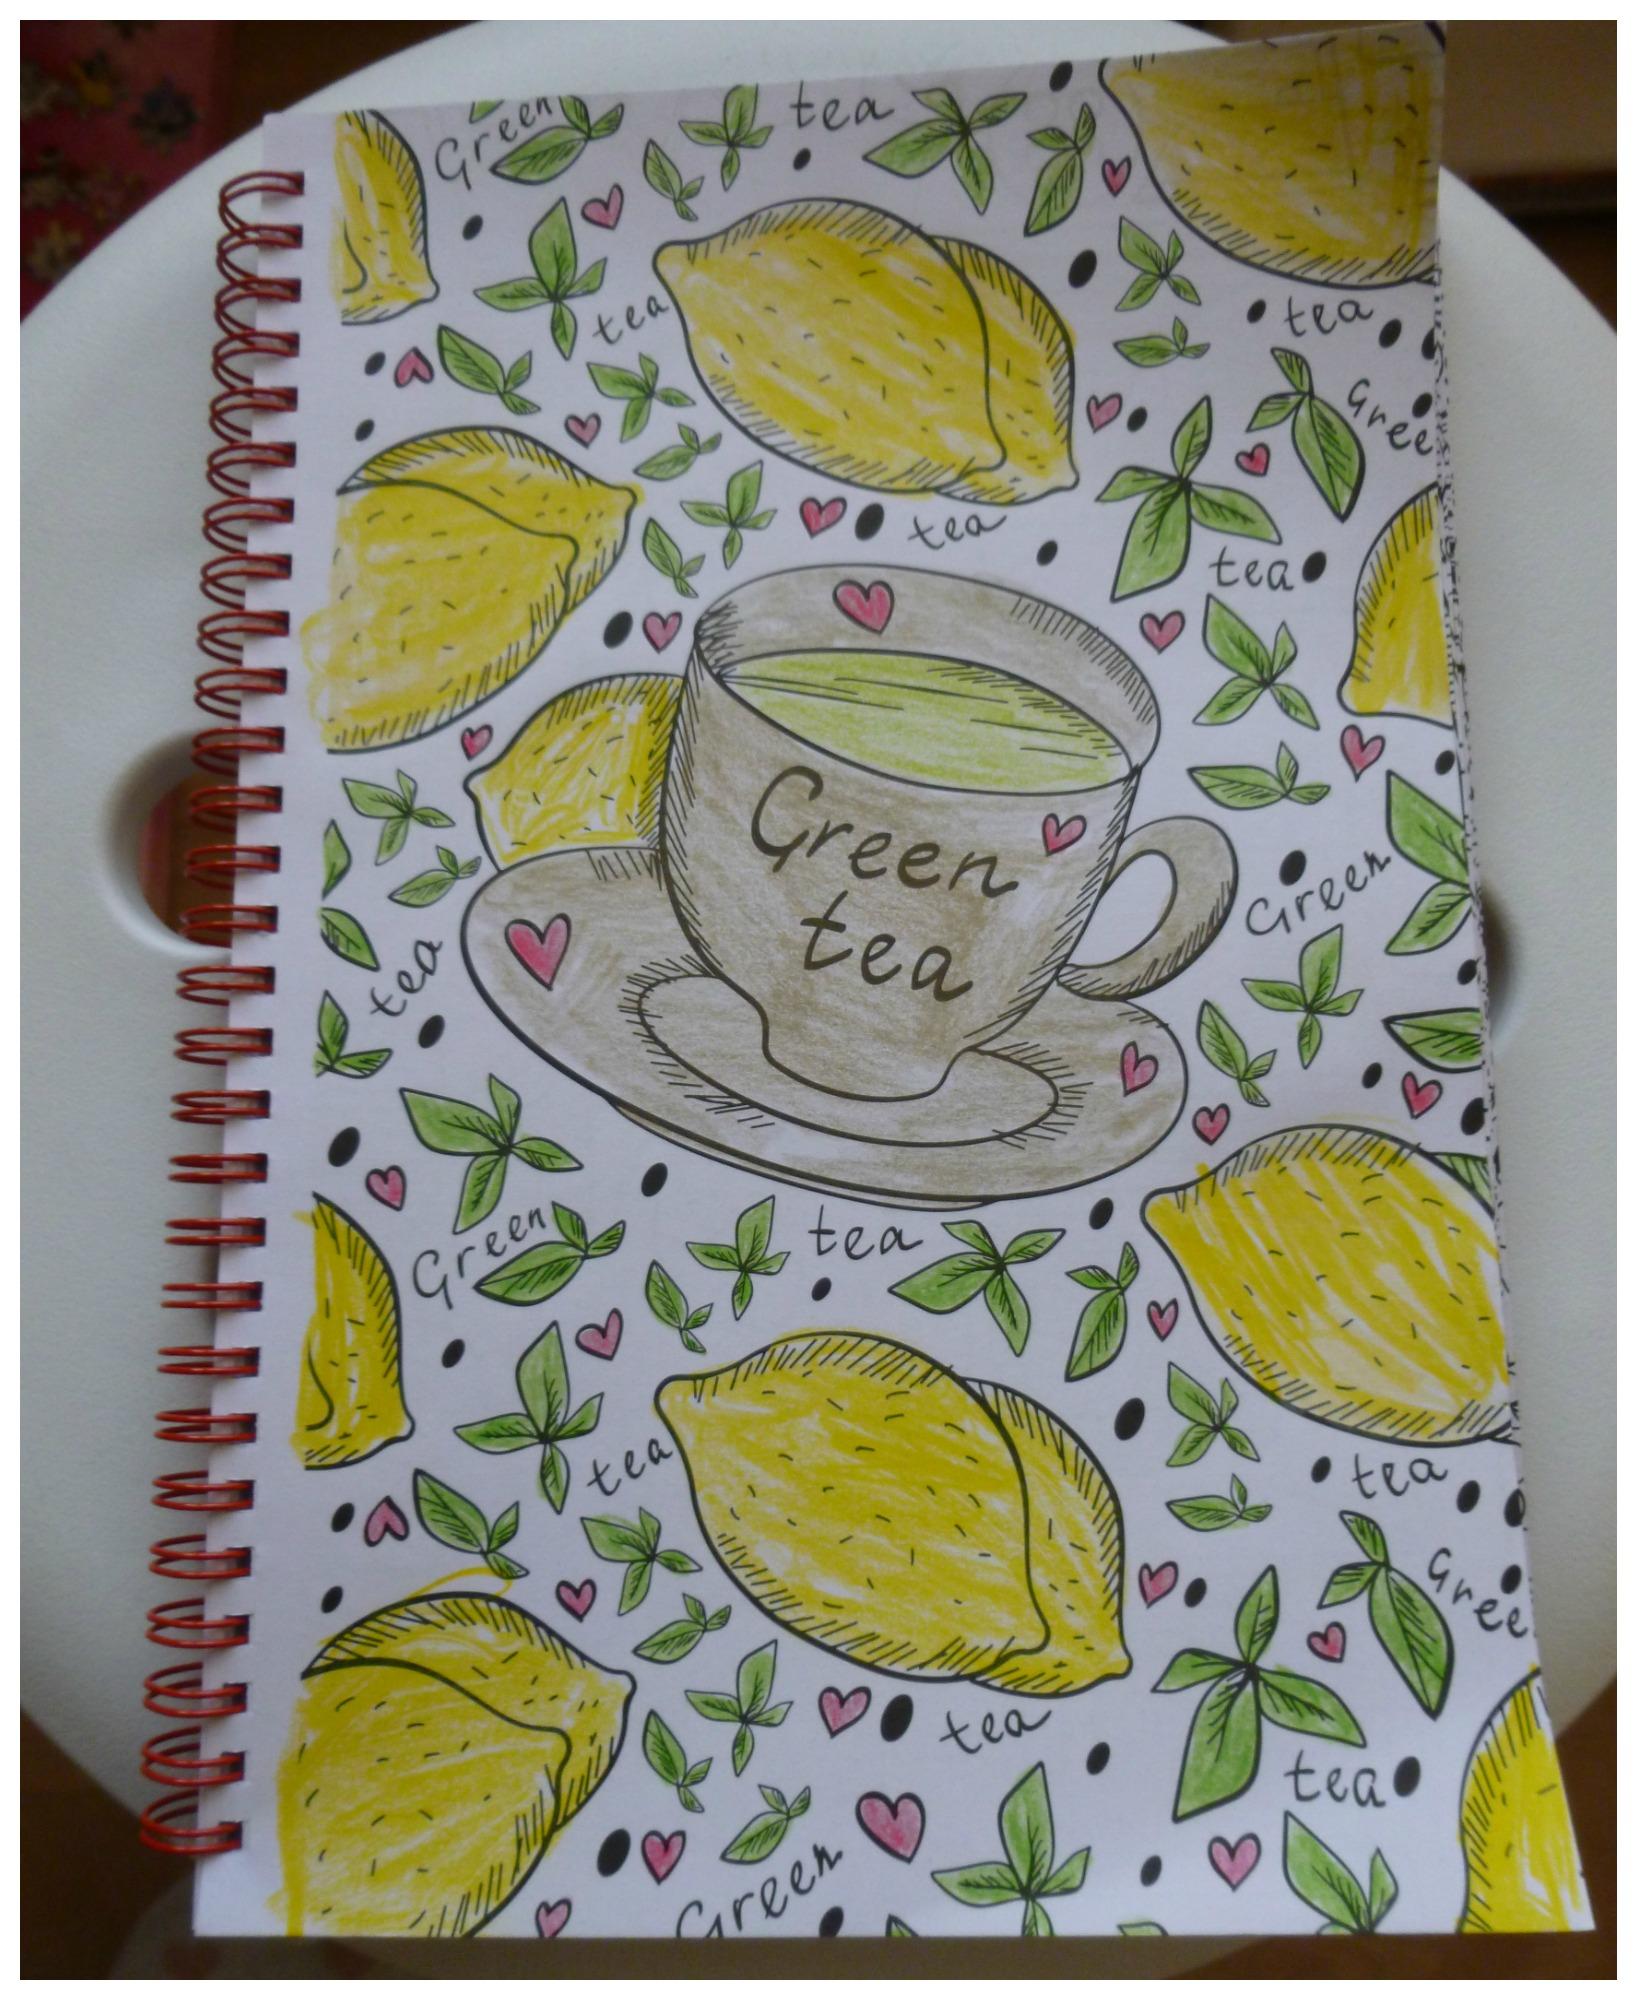 Kleurplaten Uit Kleurboek Voor Volwassenen.Kleurboek Archieven Pagina 3 Van 4 Wij Testen Het